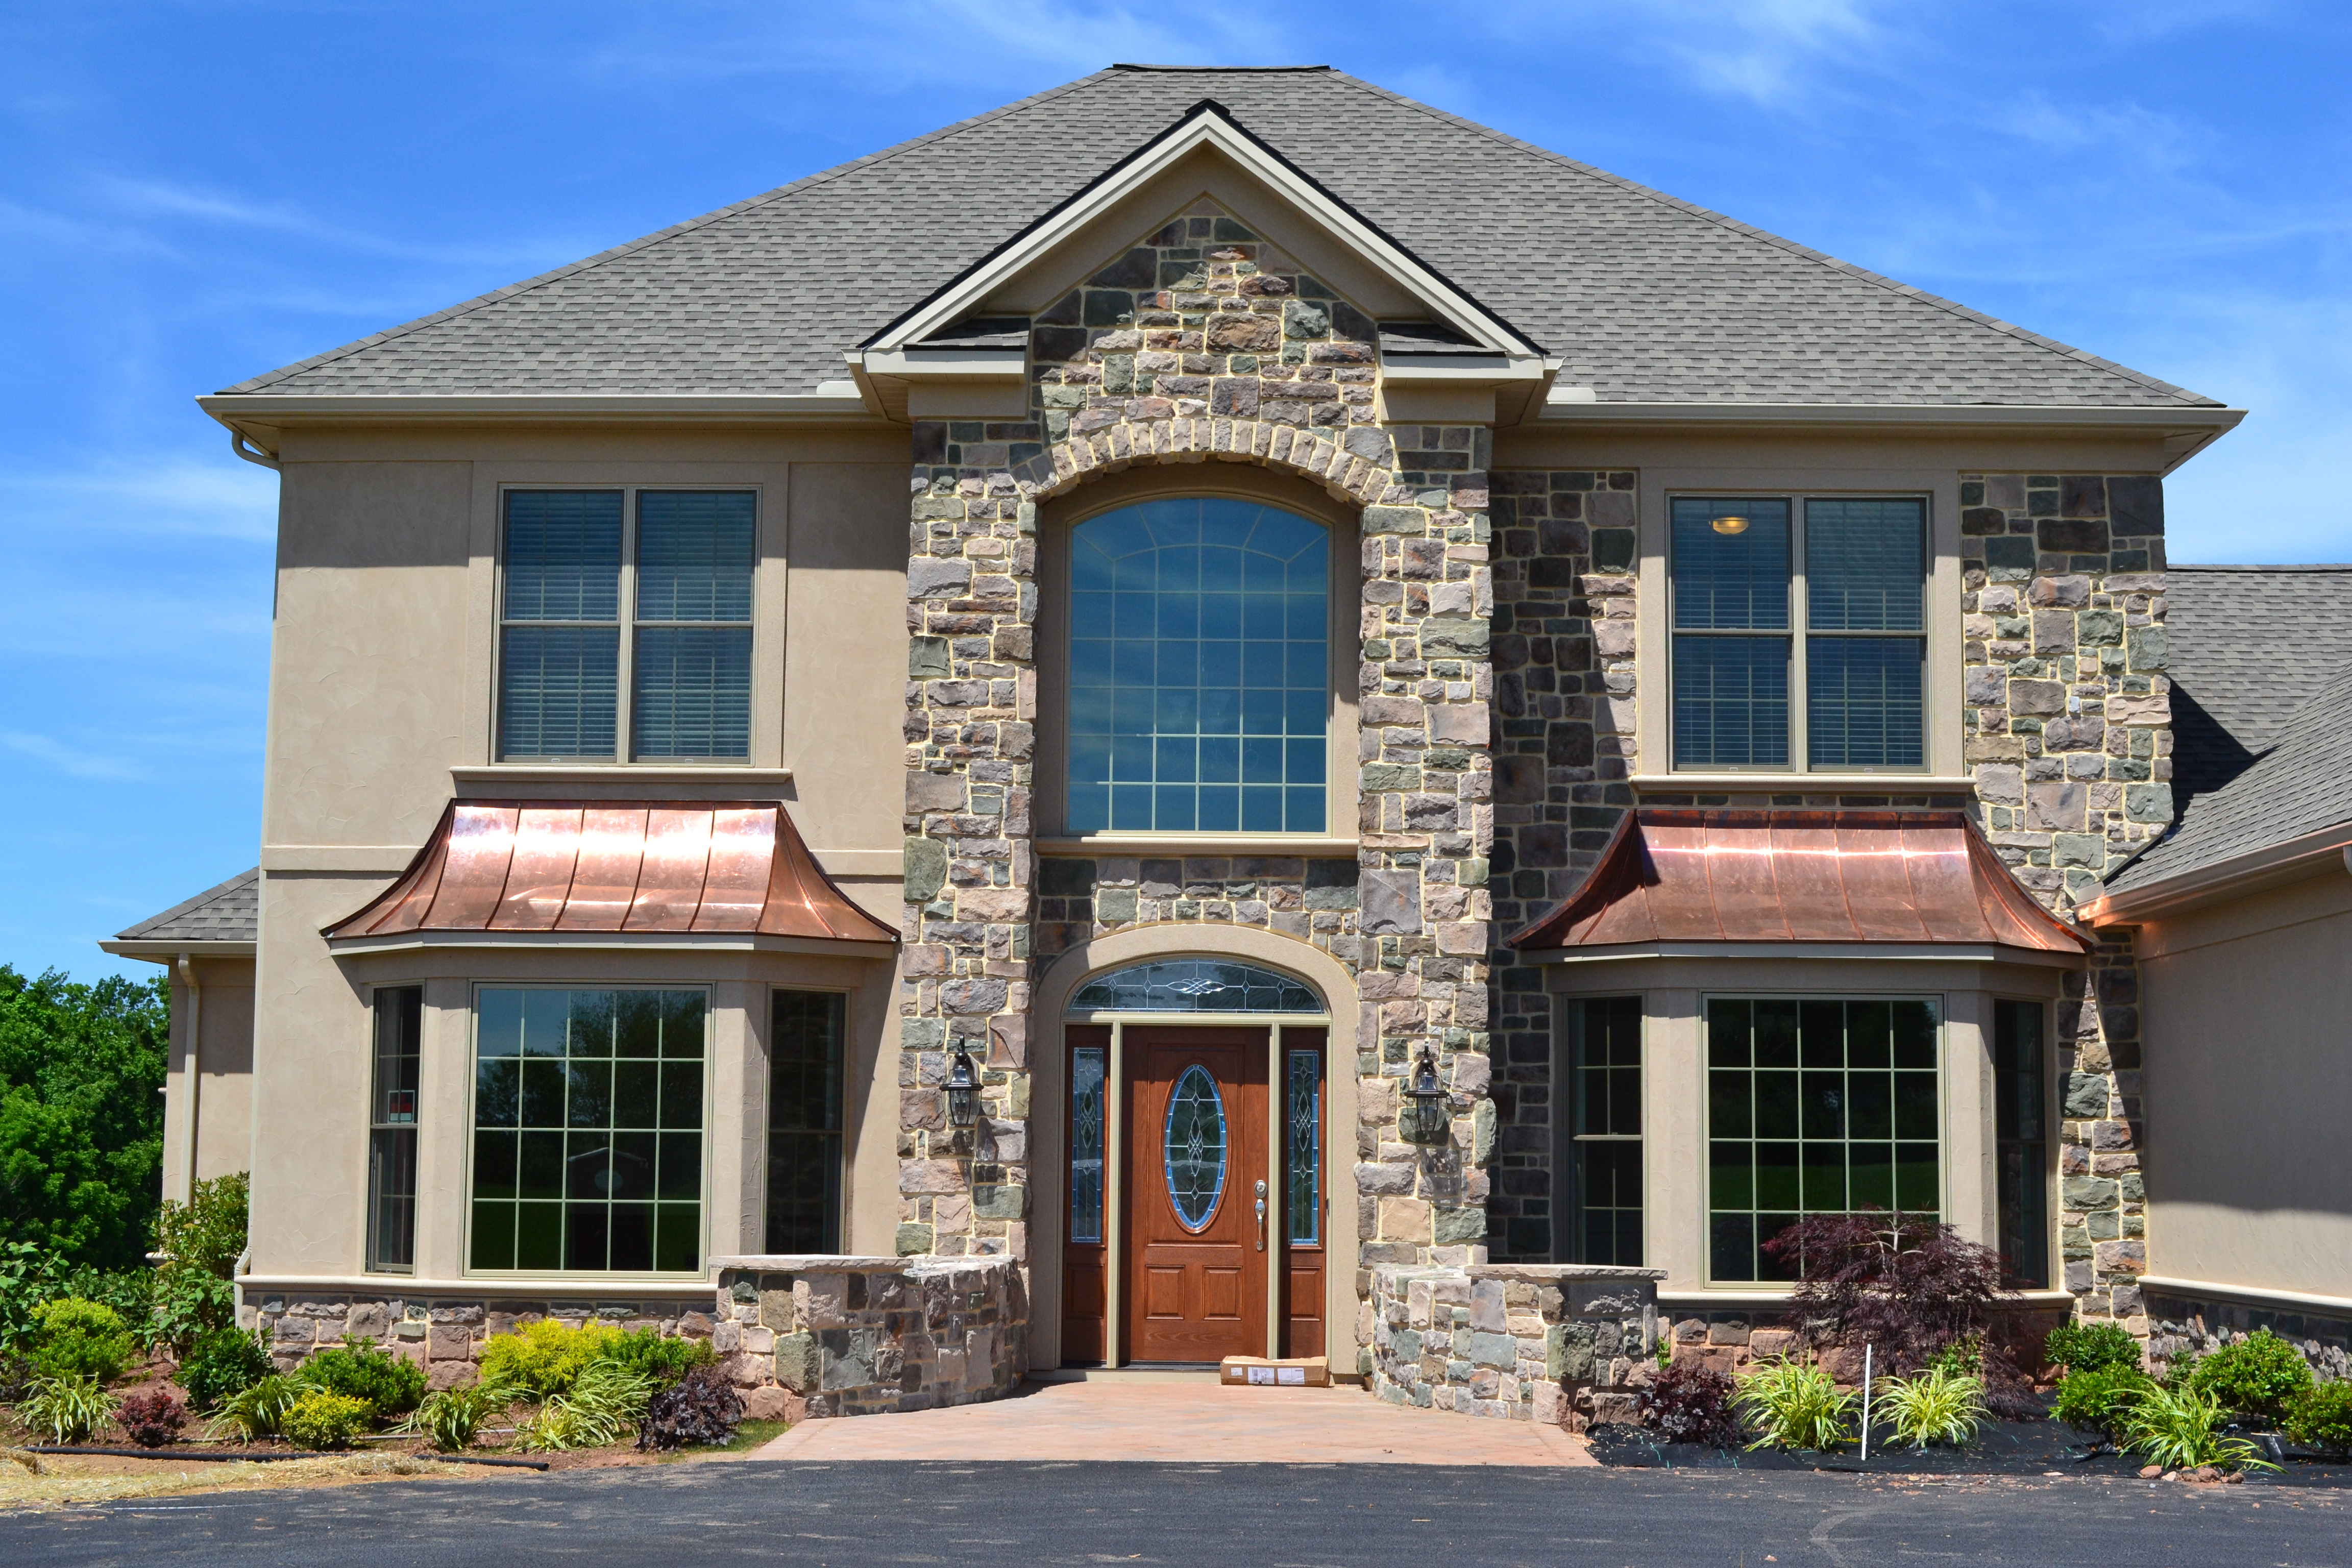 Jlh inc custom home jeffrey l henry inc custom homes for A e custom homes